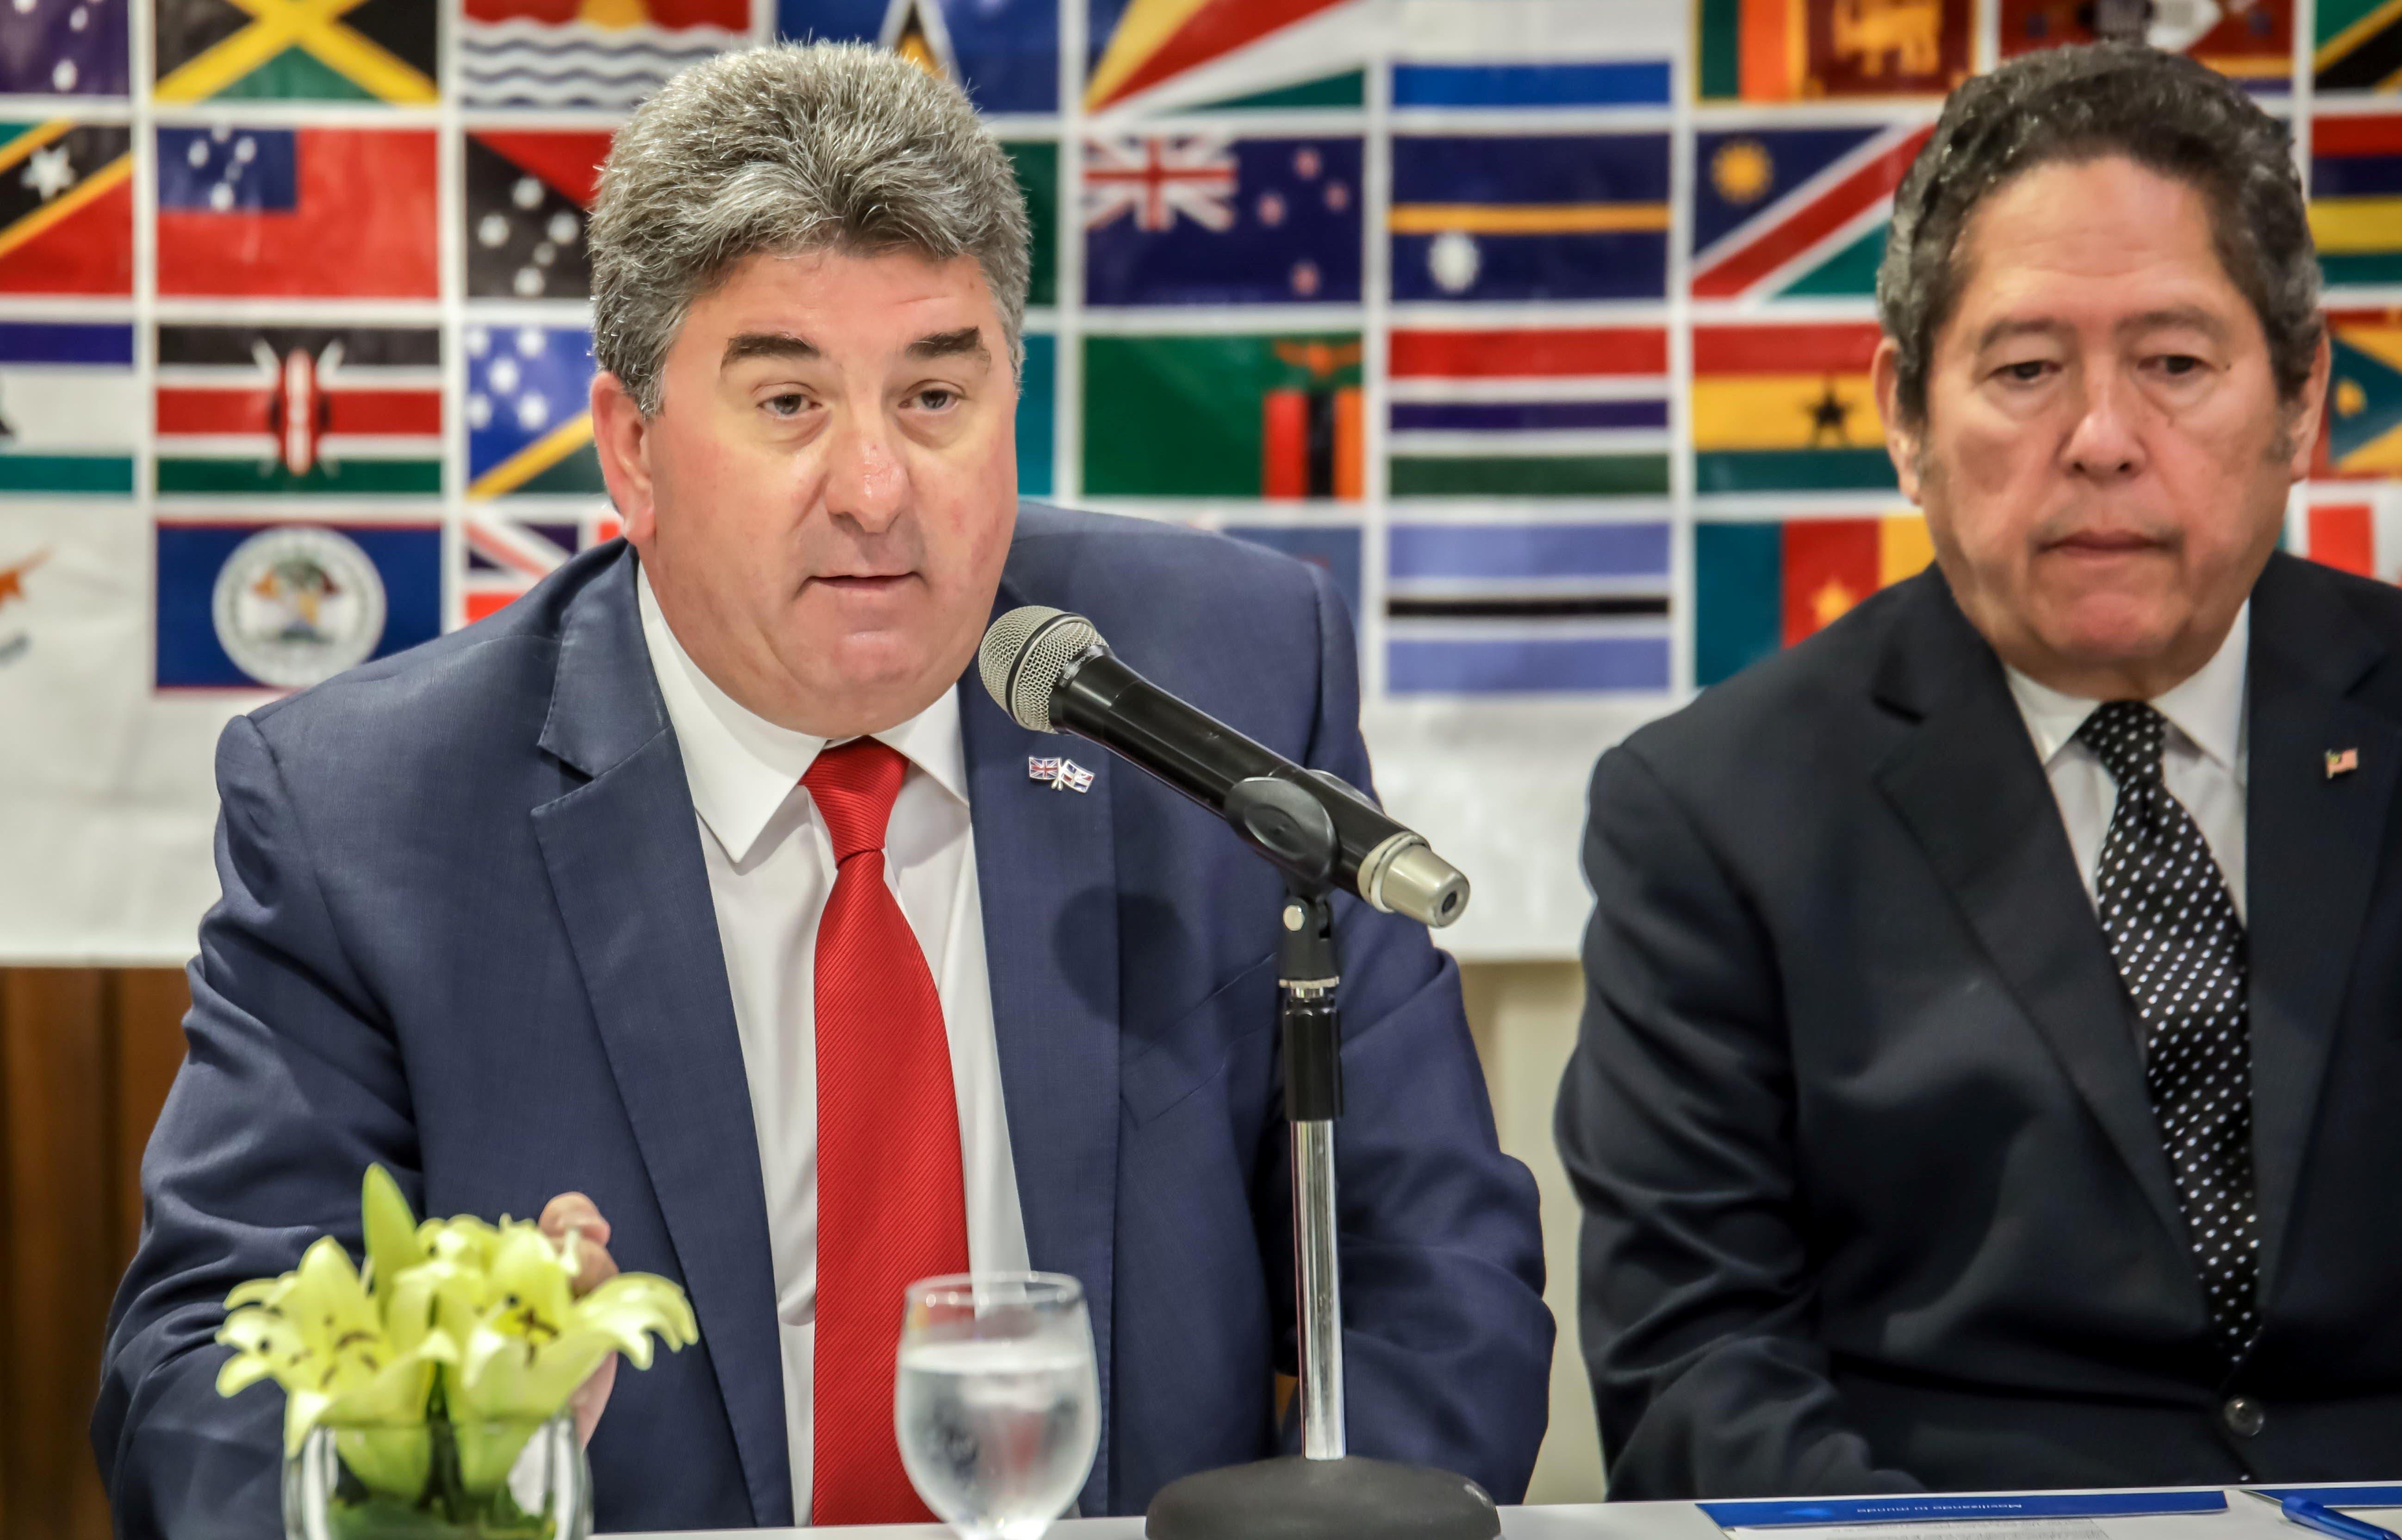 Embajador británico resalta compromiso con el bien común